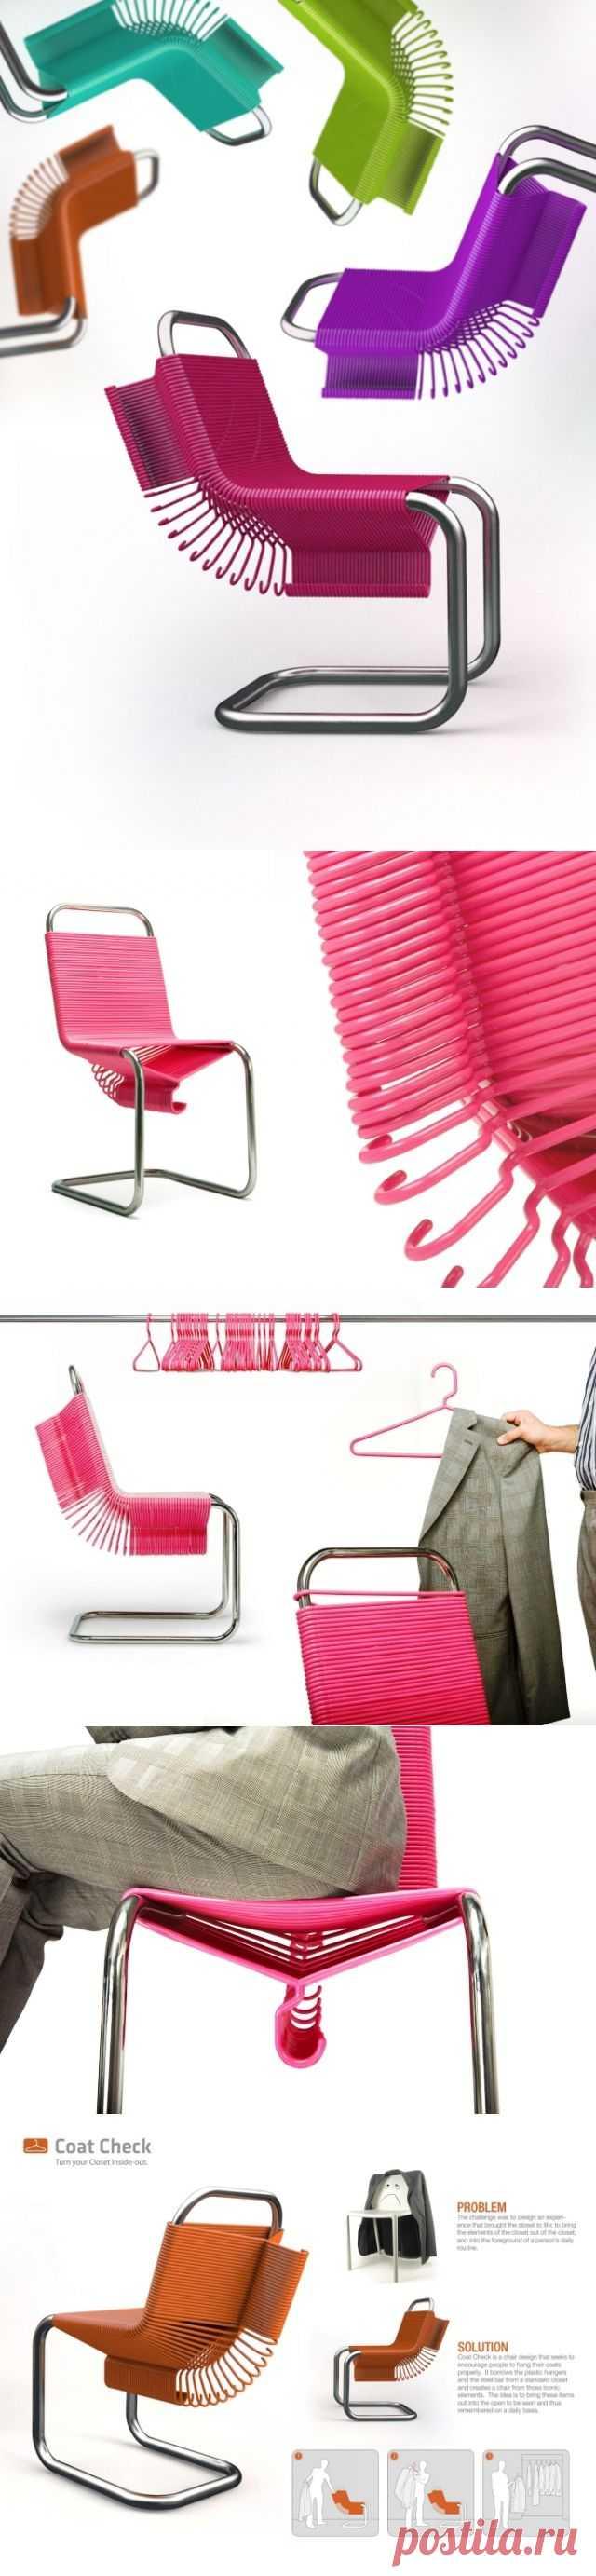 Стул-гардероб / Мебель / Модный сайт о стильной переделке одежды и интерьера